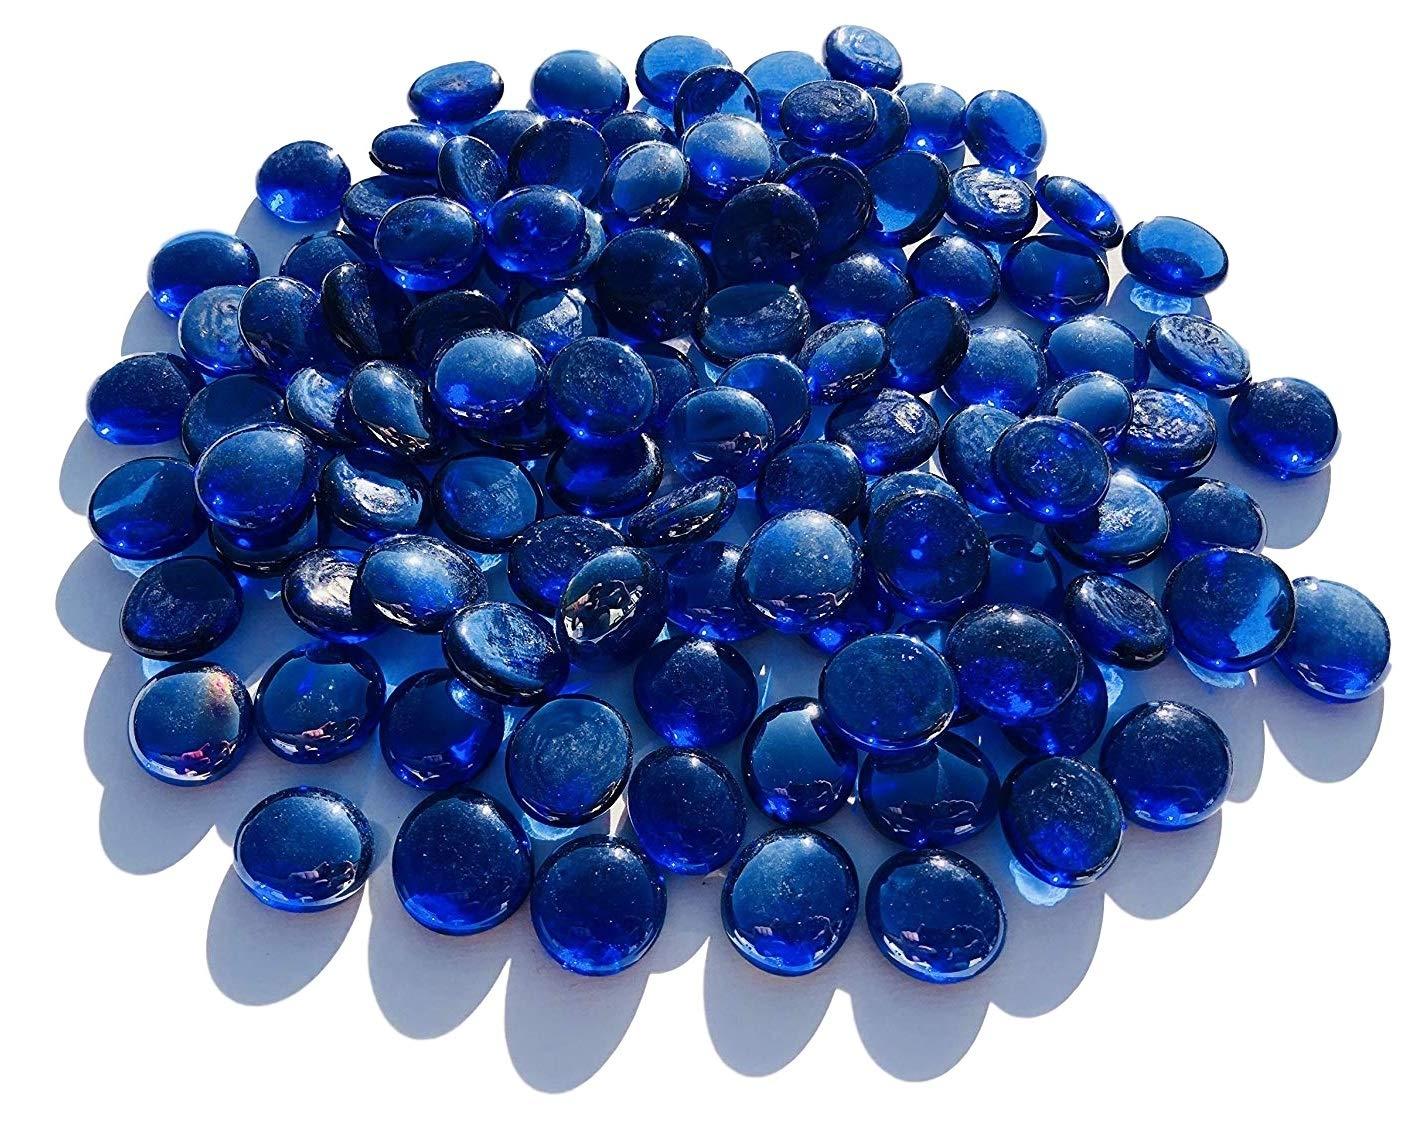 CRYSTAL KING - Sfere Decorative in Vetro, 2 cm, 500 g, Colore: Blu Scuro